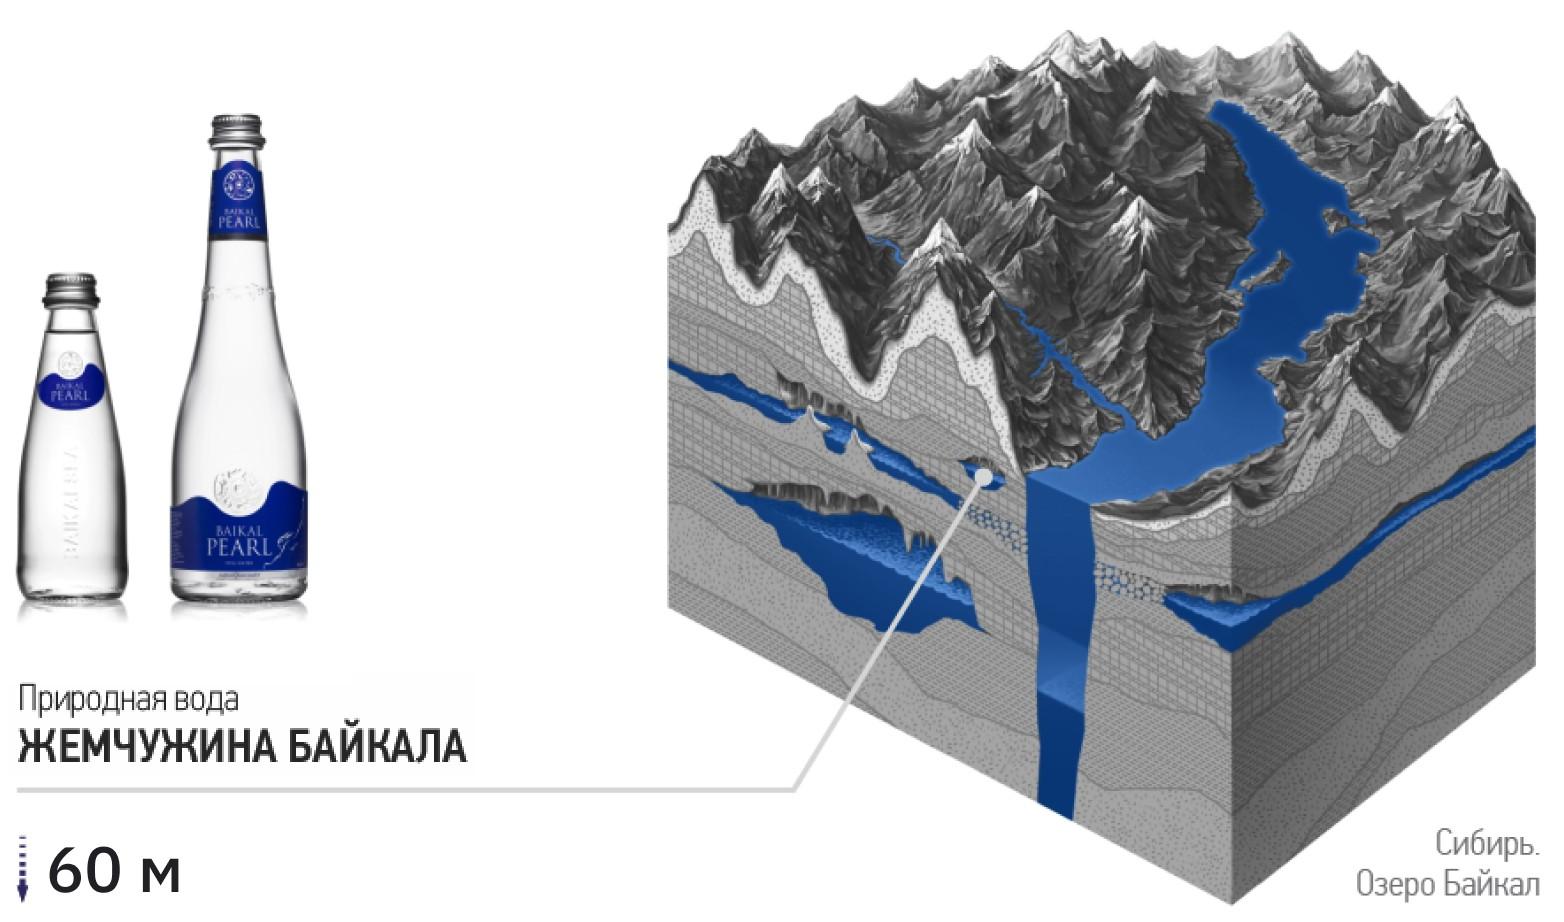 Добыча природной воды Жемчужина Байкала